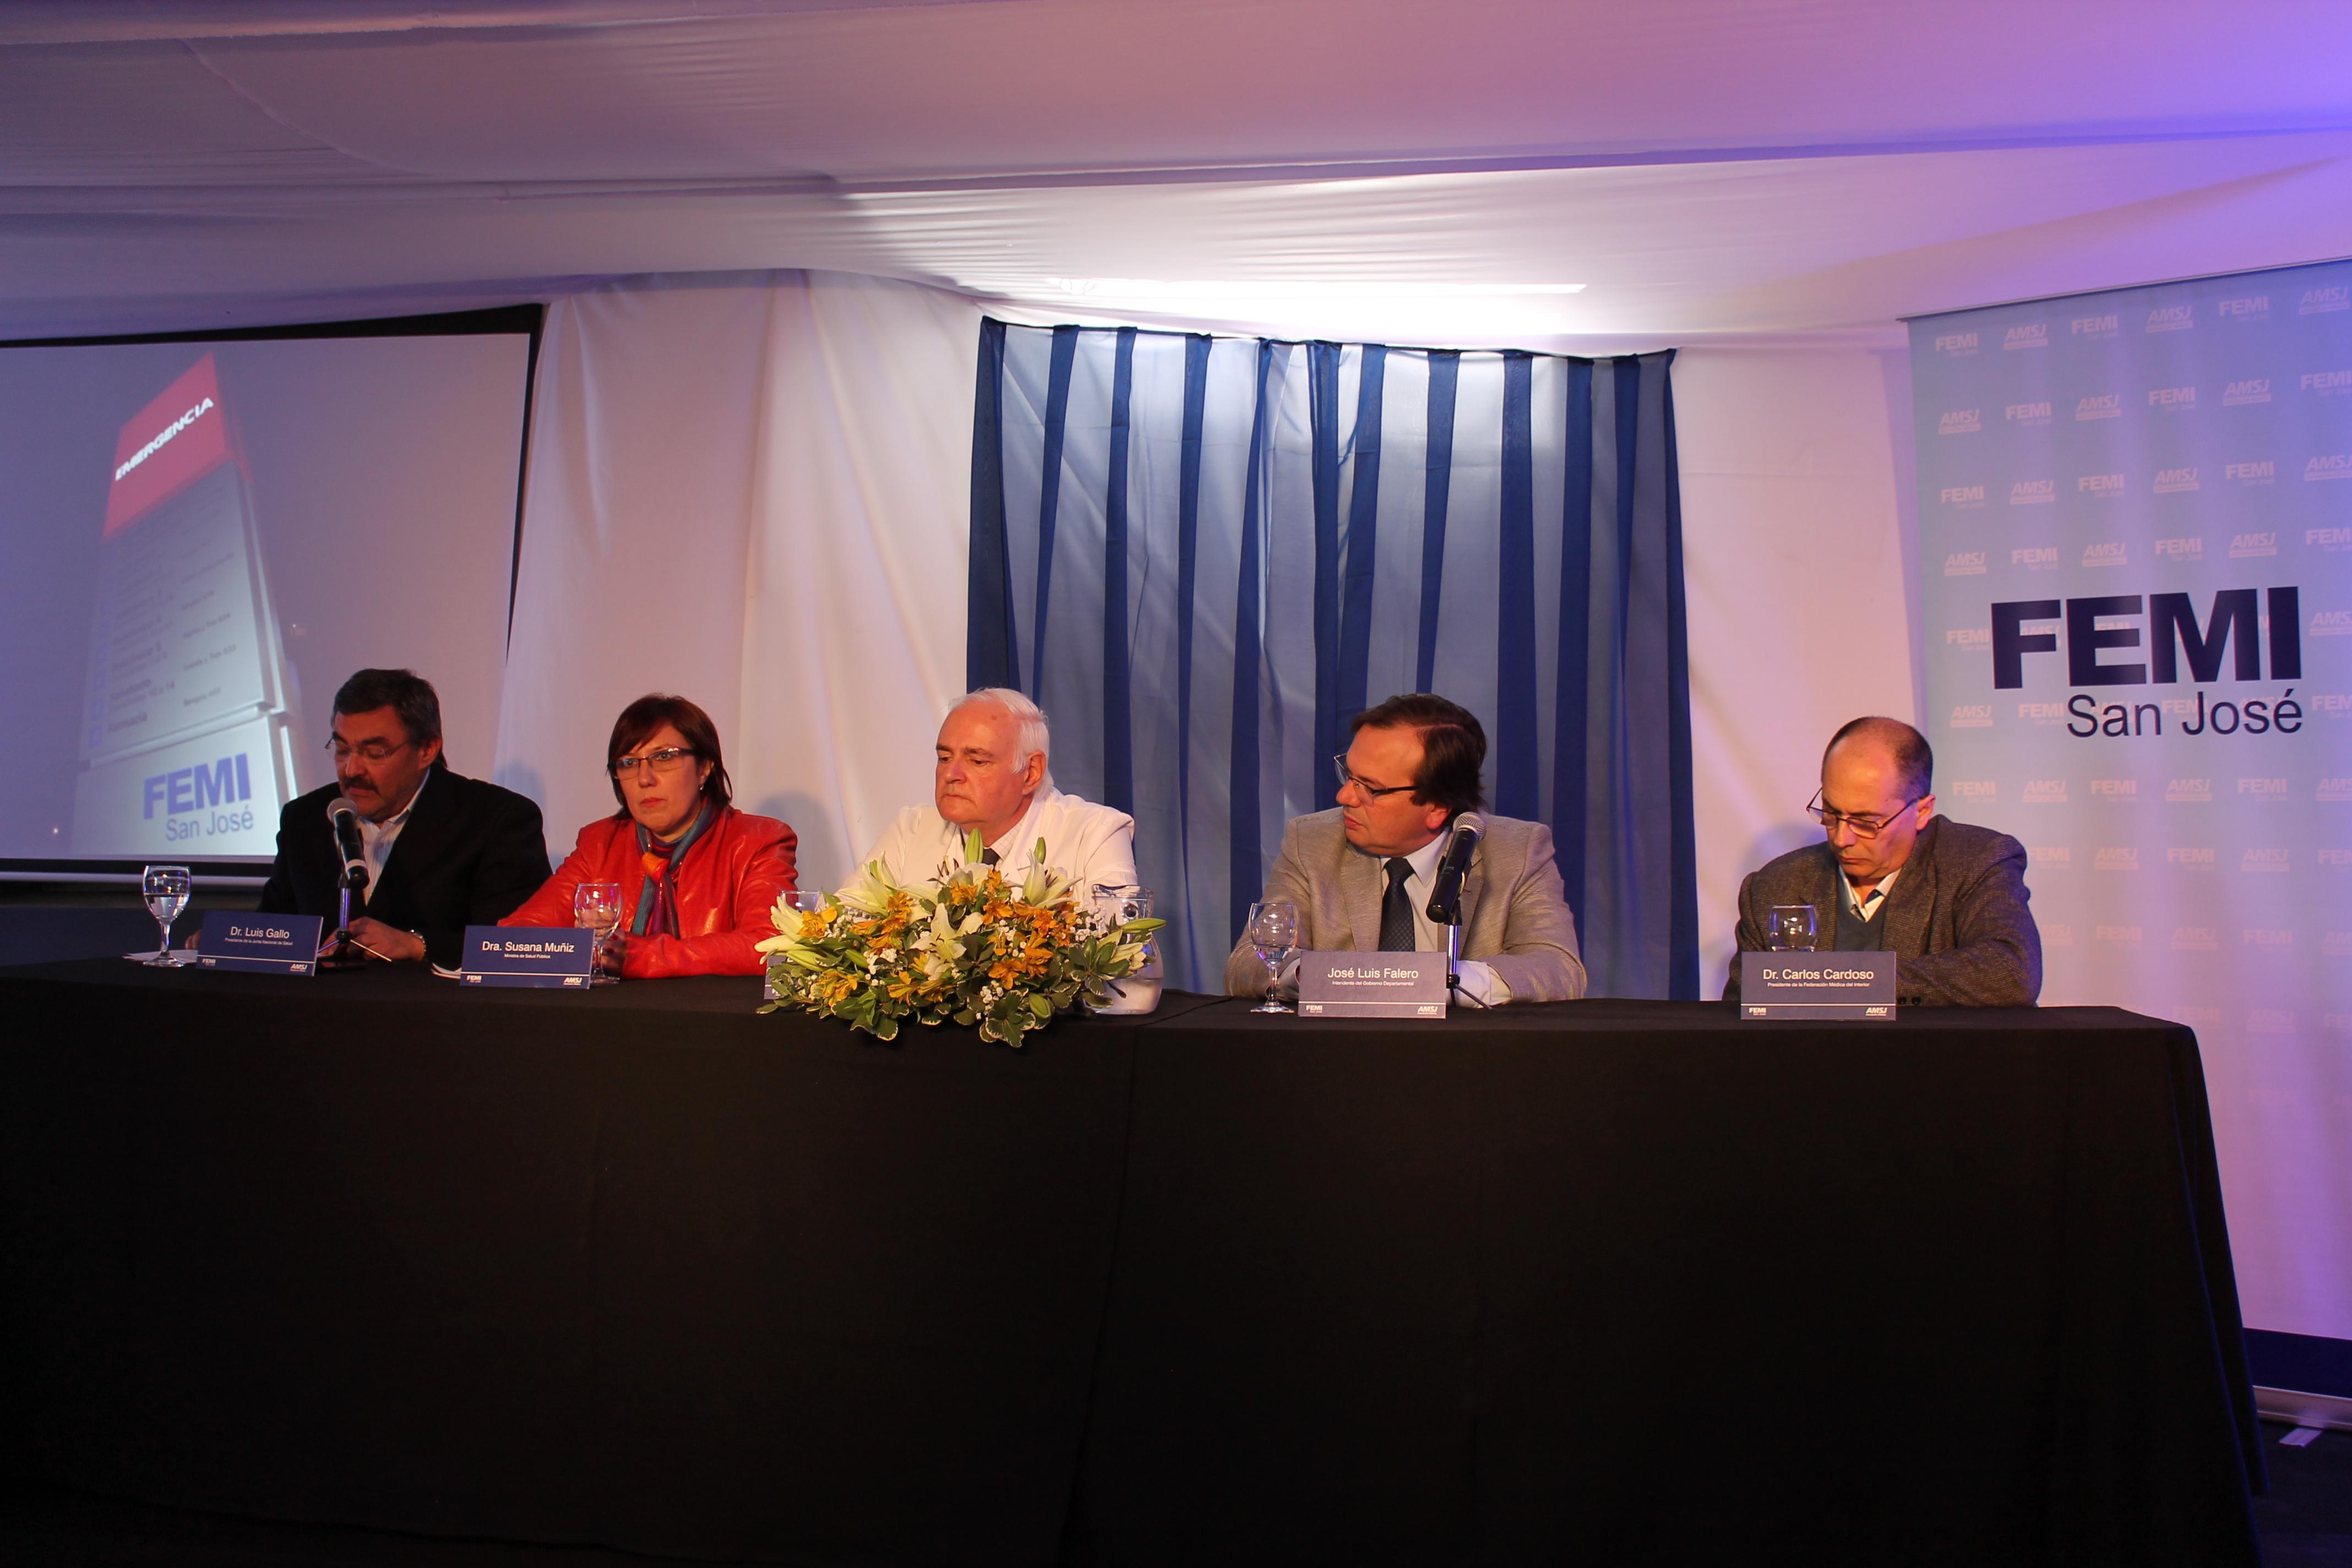 Parte del discurso del Dr. Baltasar Aguilar al inaugurar la nueva emergencia